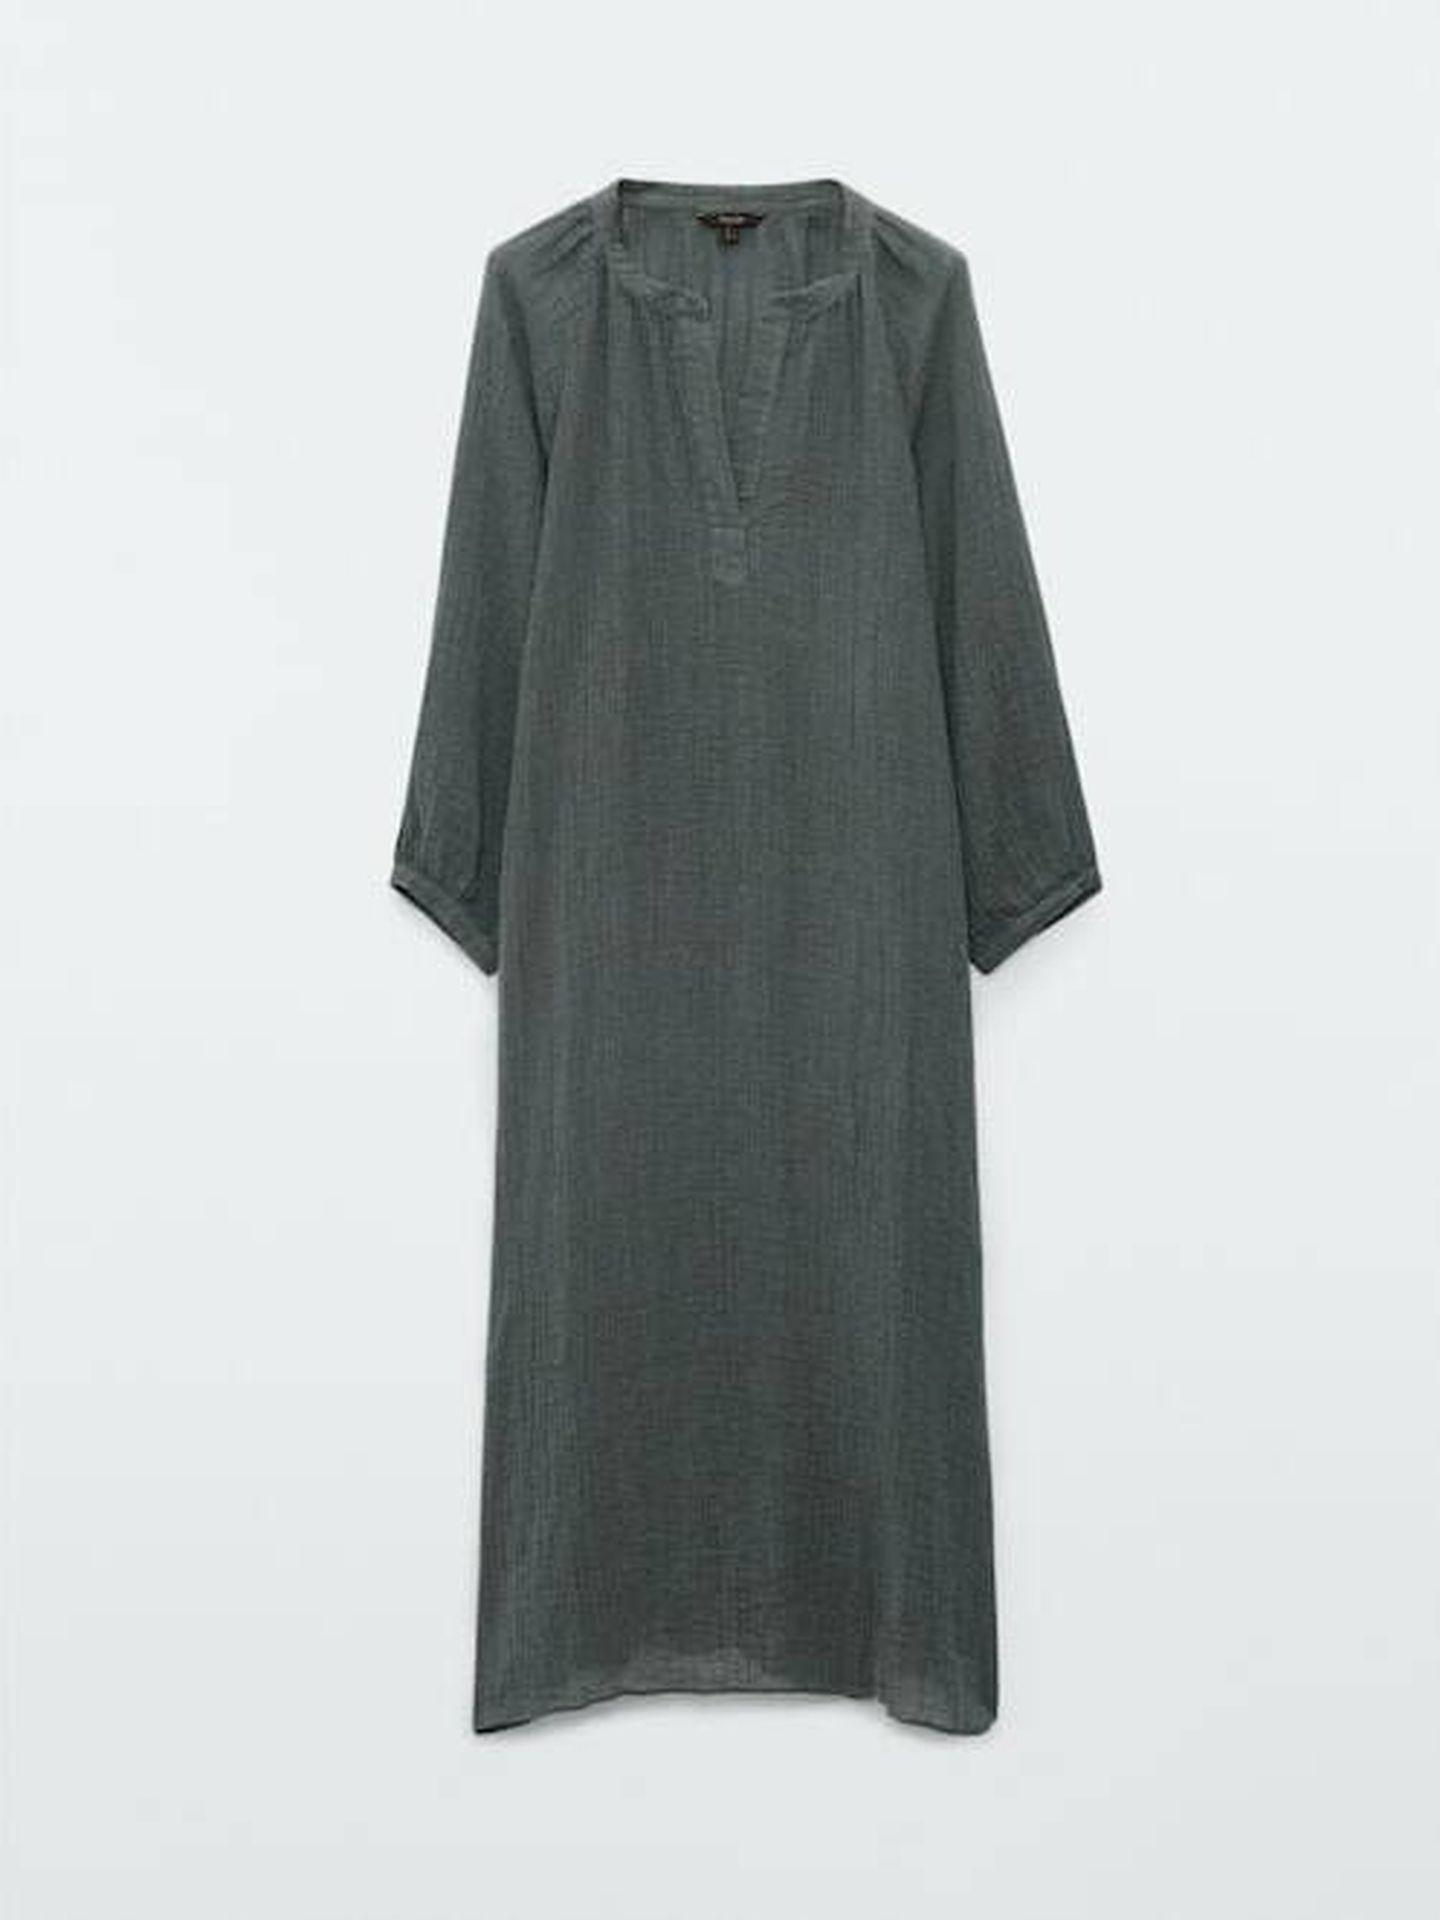 El vestido de lino de Massimo Dutti ideal para el verano. (Cortesía)